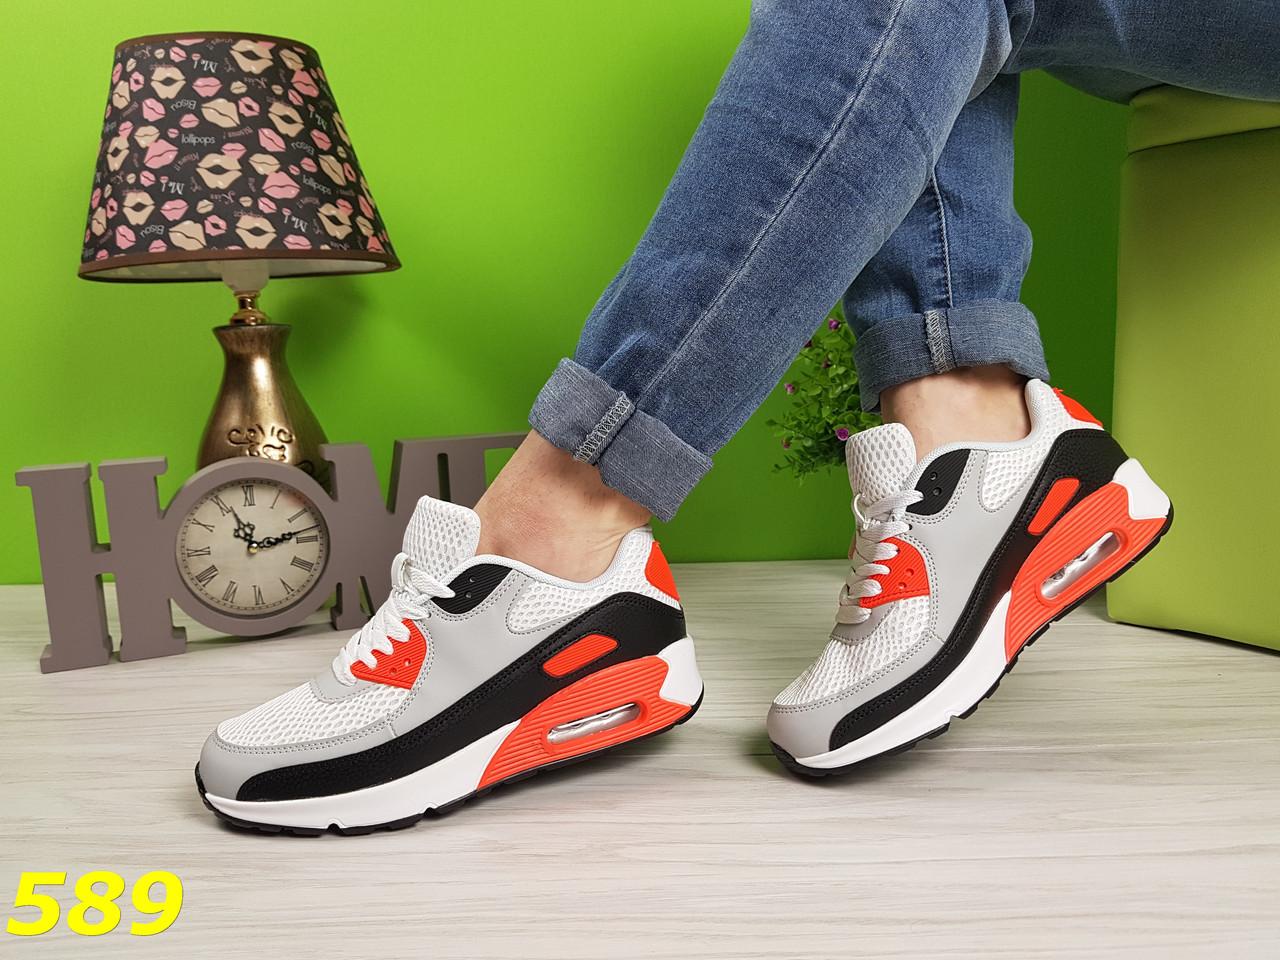 Кроссовки аирмаксы с персиковыми вставками  продажа a941da1c7a730